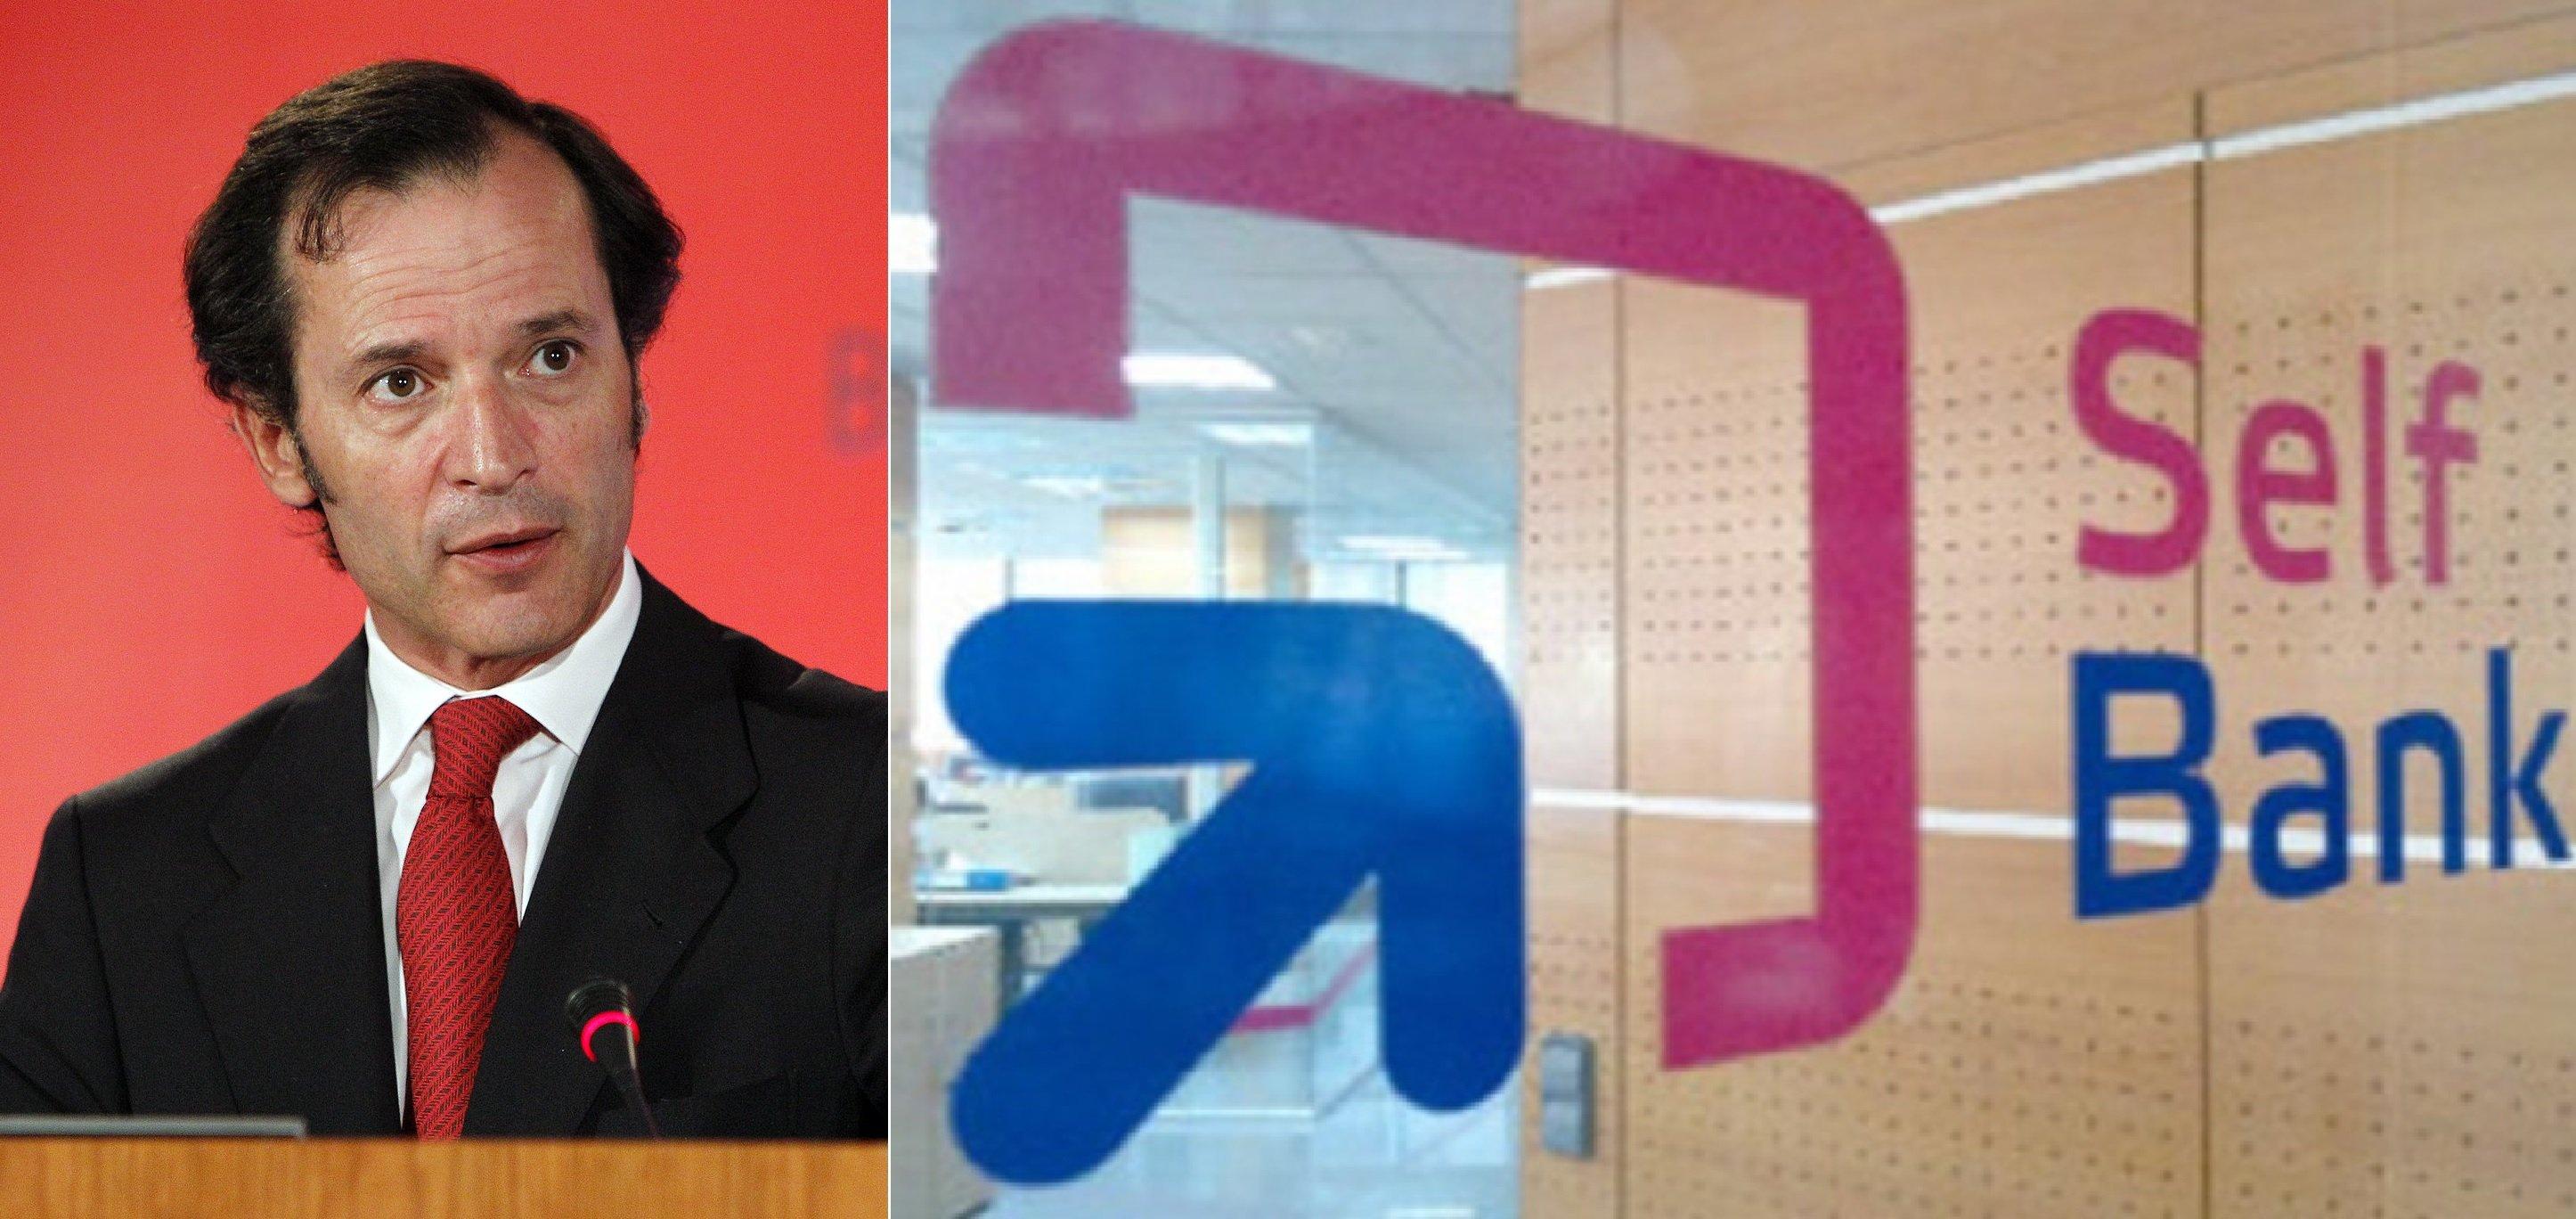 Javier Marín, CEO de Self Bank, marca el camino a los 'chiringuitos' financieros